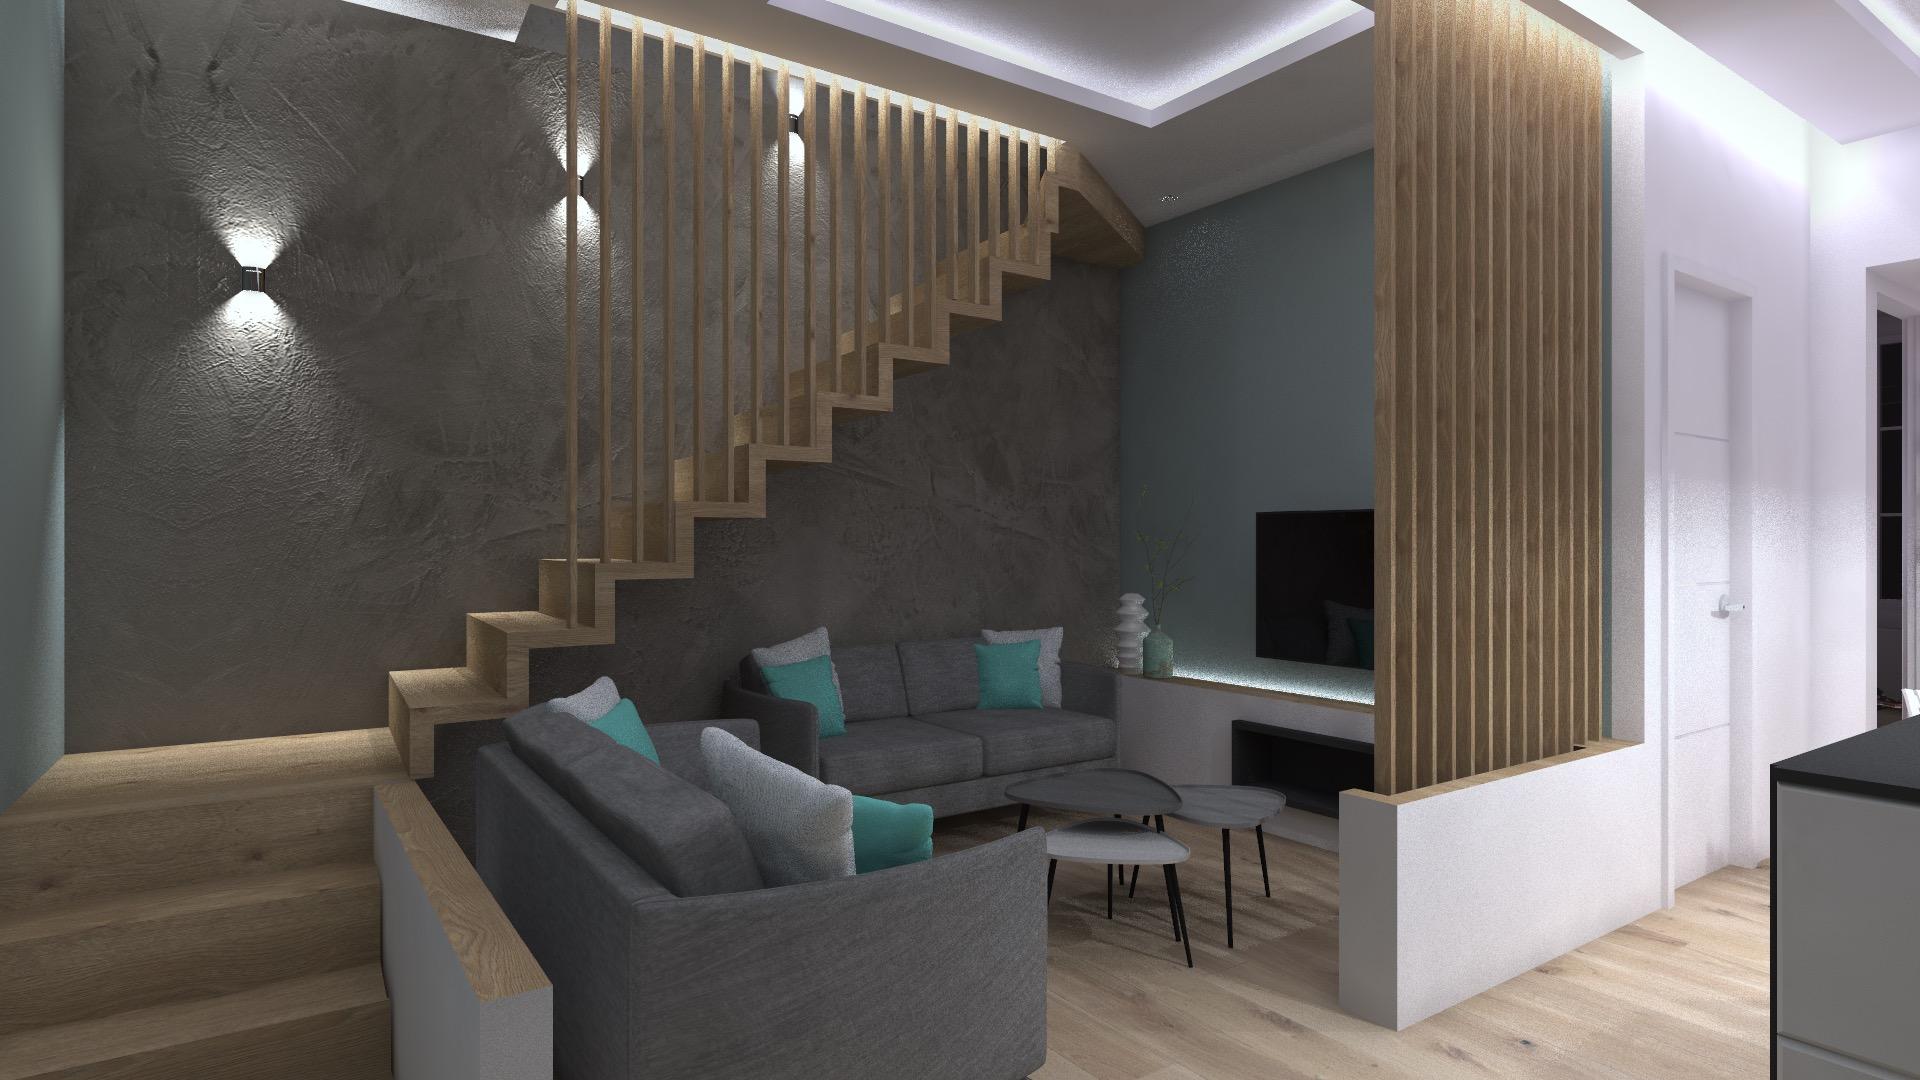 Rénovation-appartement-centre-ville-historique3